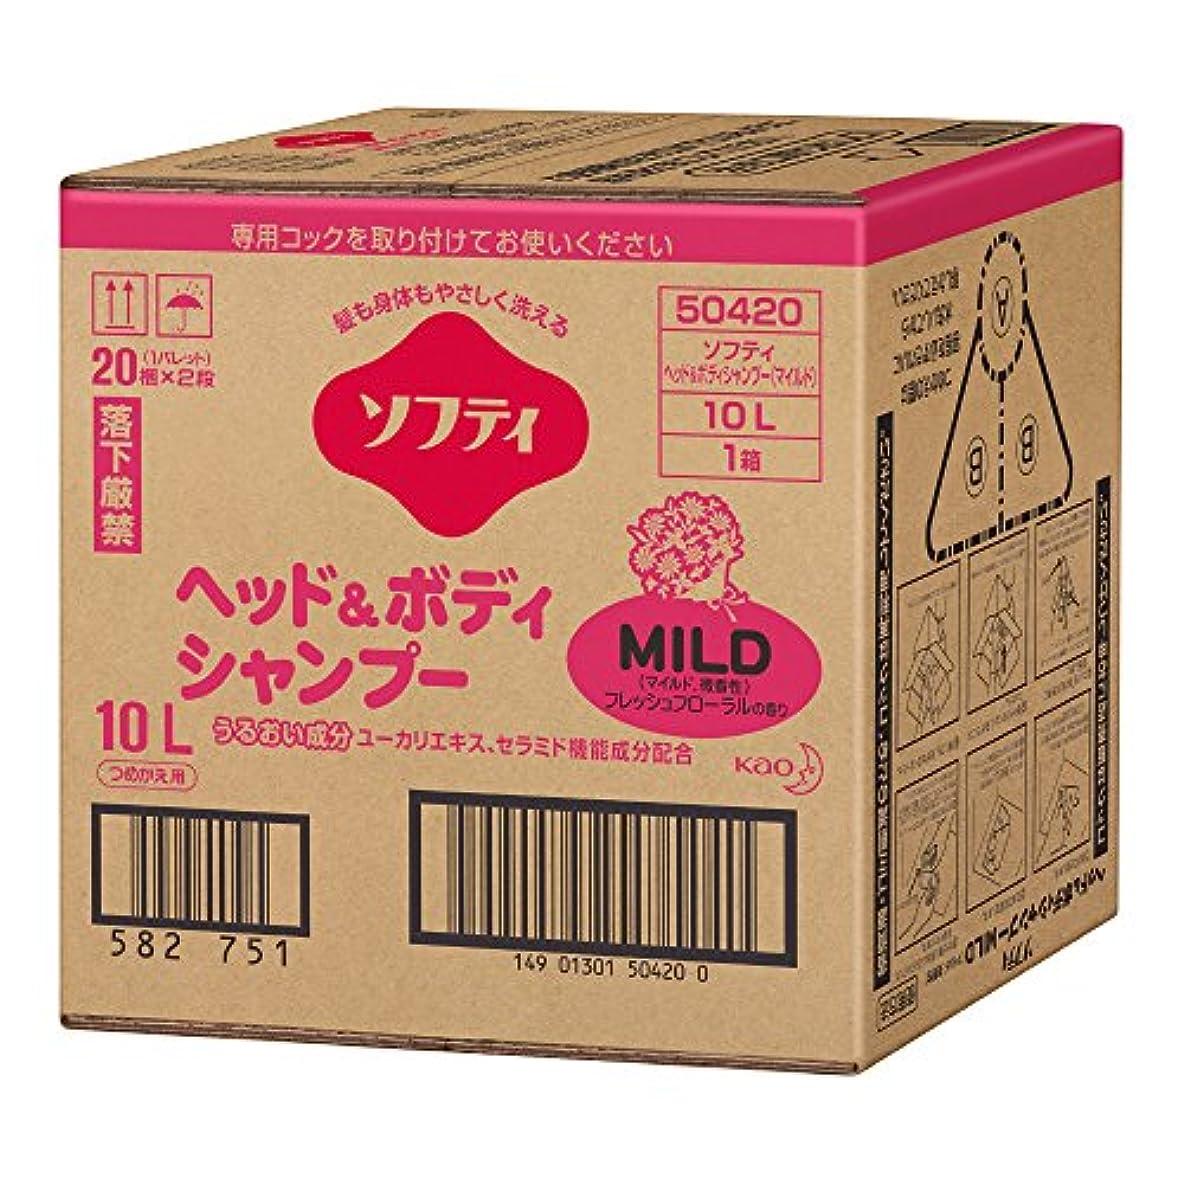 窓ブラウザマイクロソフティ ヘッド&ボディシャンプーMILD(マイルド) 10L バッグインボックスタイプ (花王プロフェッショナルシリーズ)